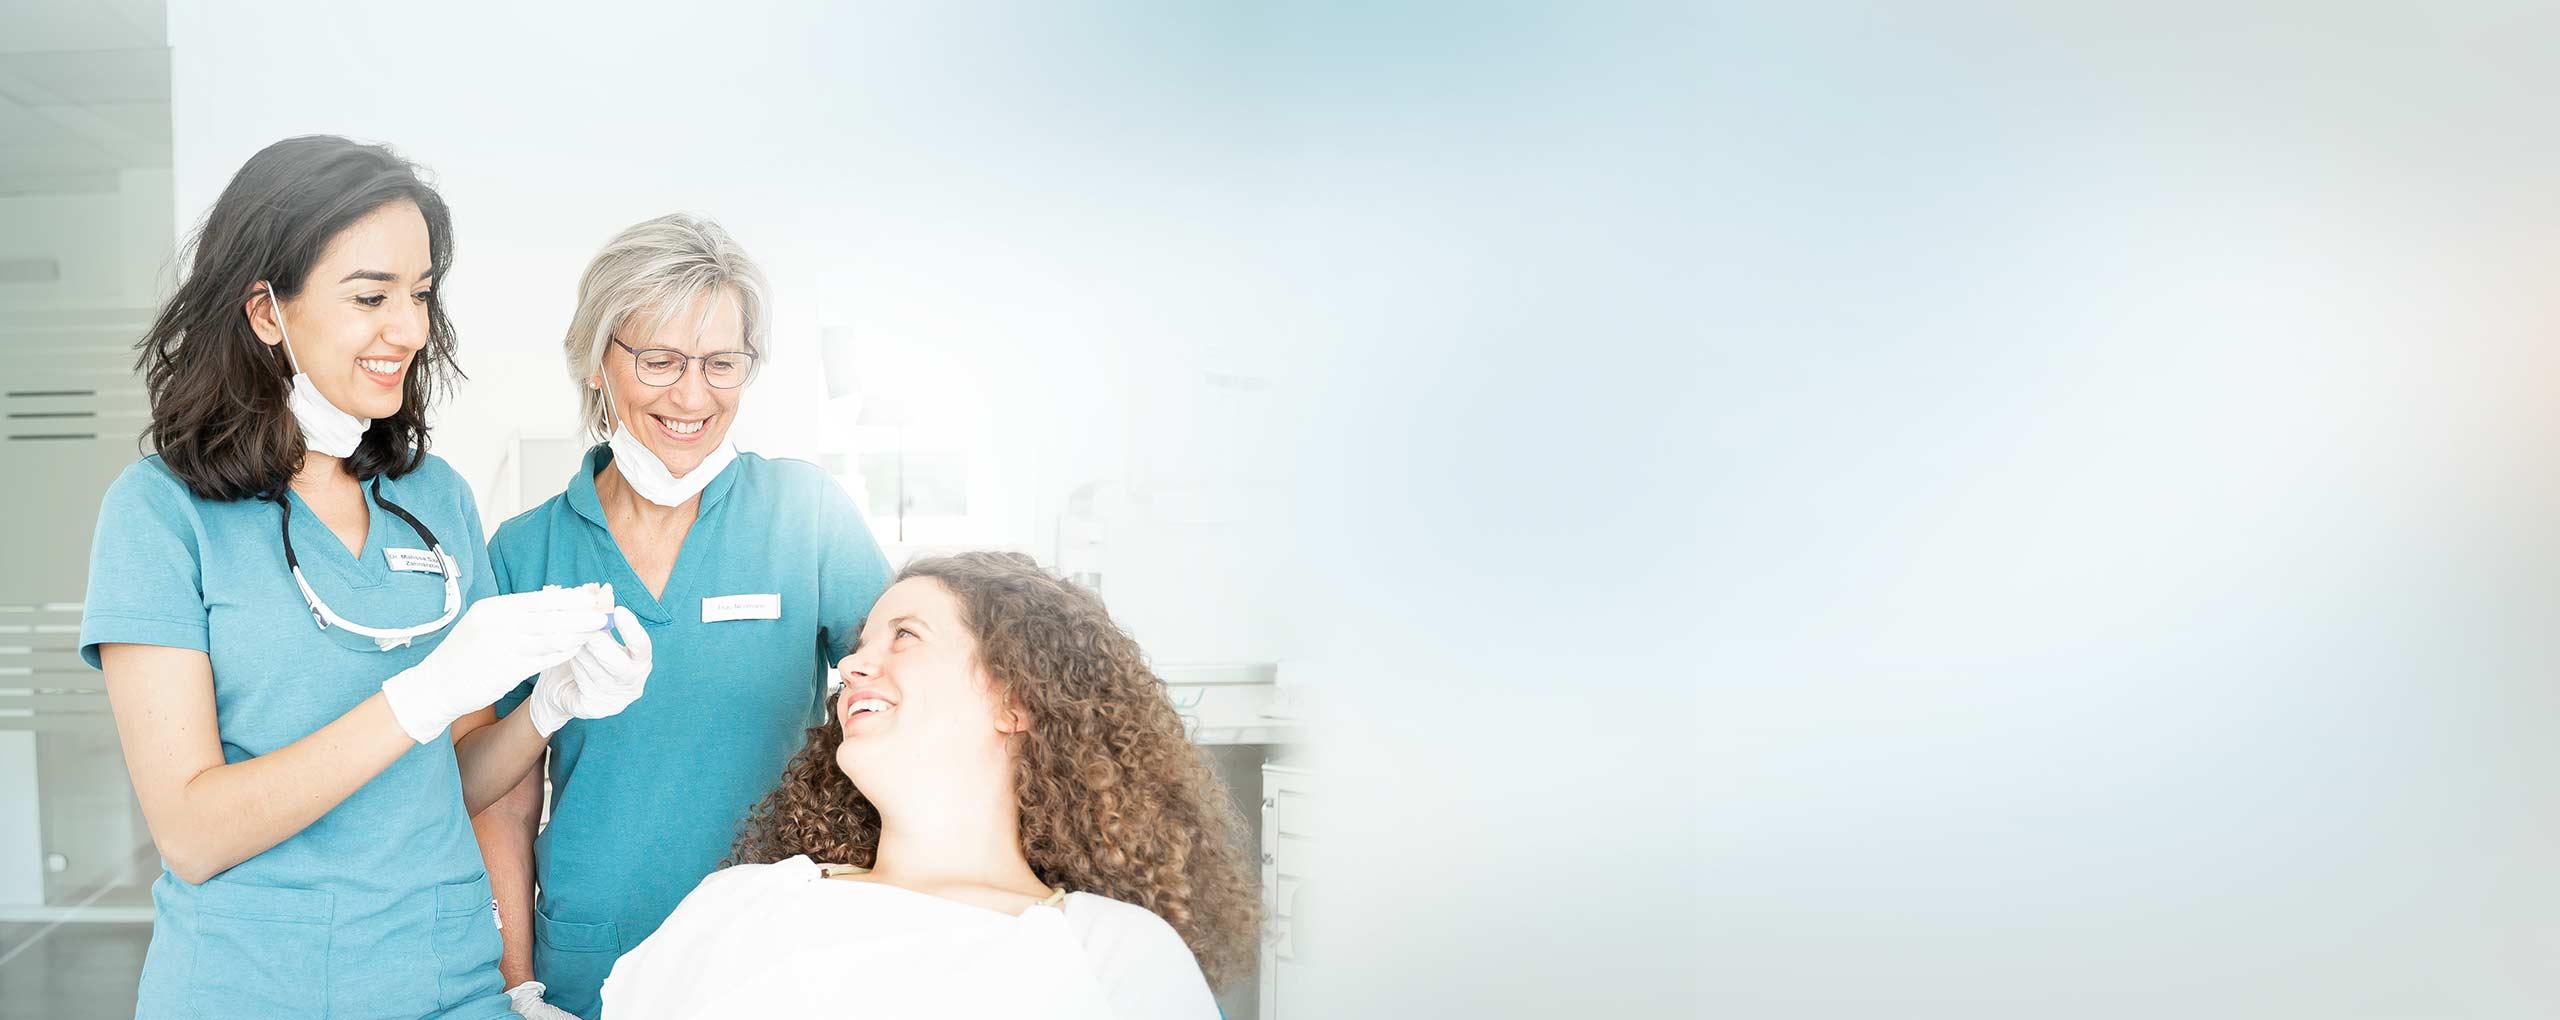 weickum zahnarzt mannheim behandlungsspektrum notfallbehandlung